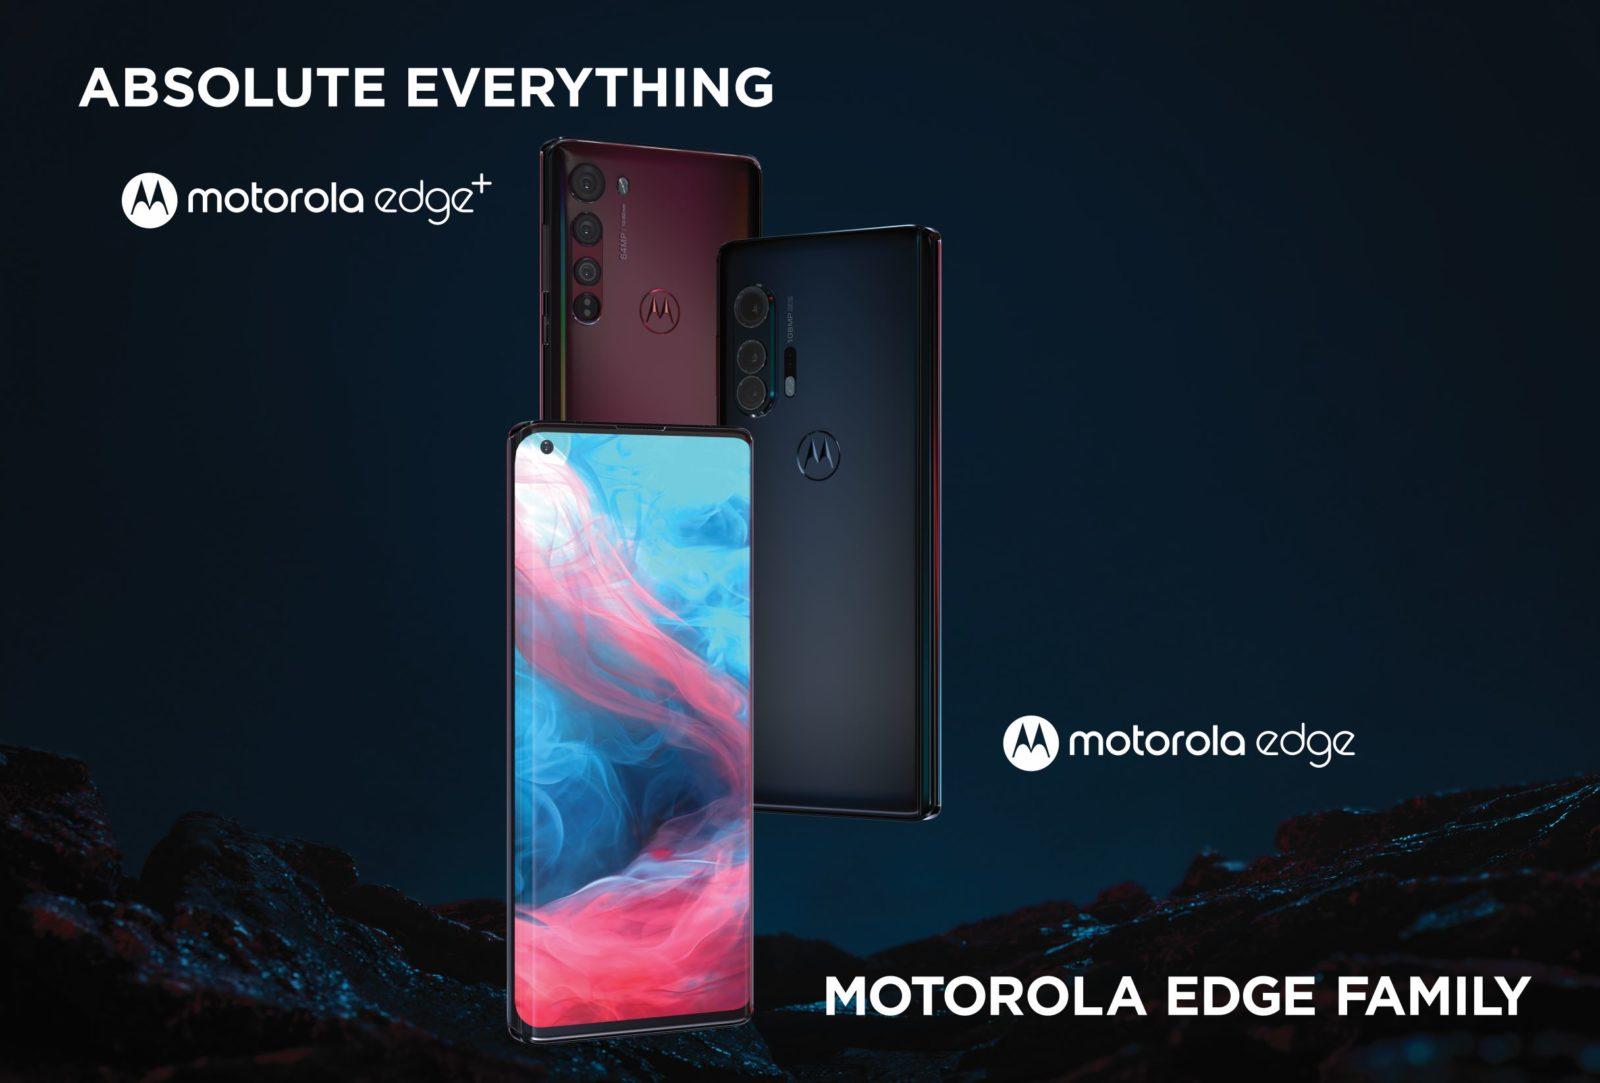 Motorola Edge e Motorola Edge+ presentati ufficialmente: tanta bellezza e potenza, supporto 5G e non solo